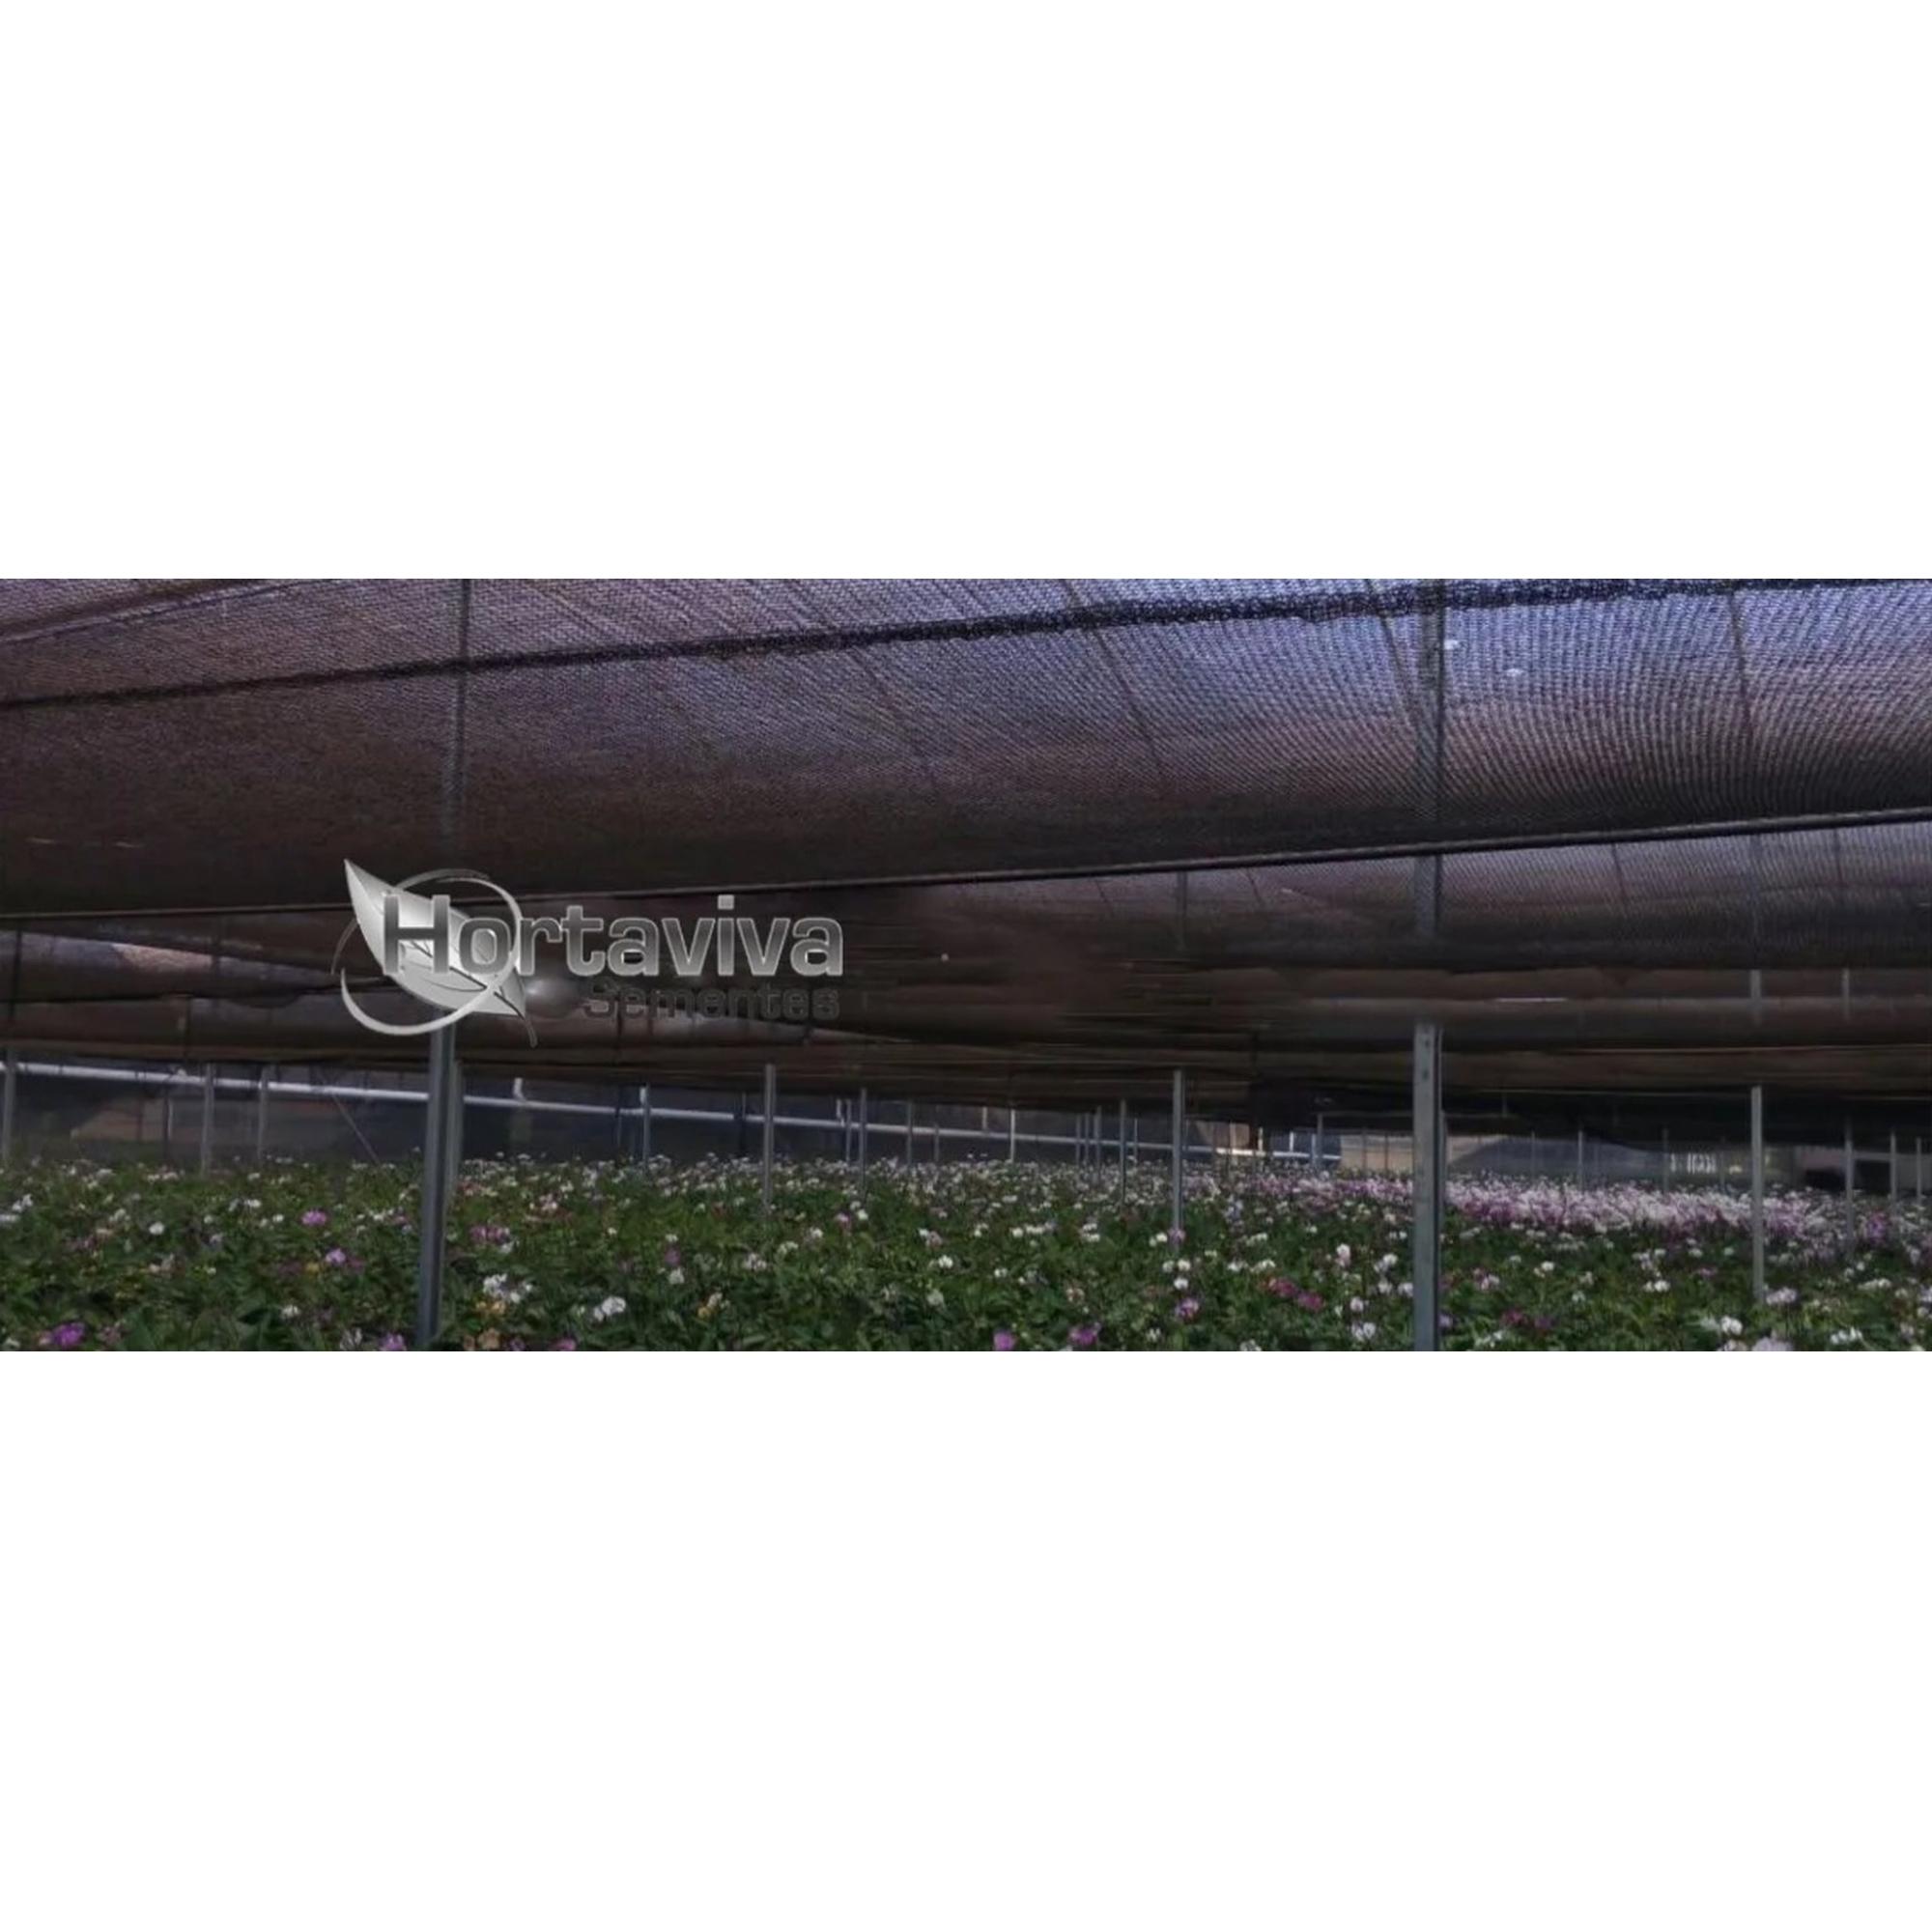 Tela de Sombreamento Preta 50% - 4 Metros x 50 Metros